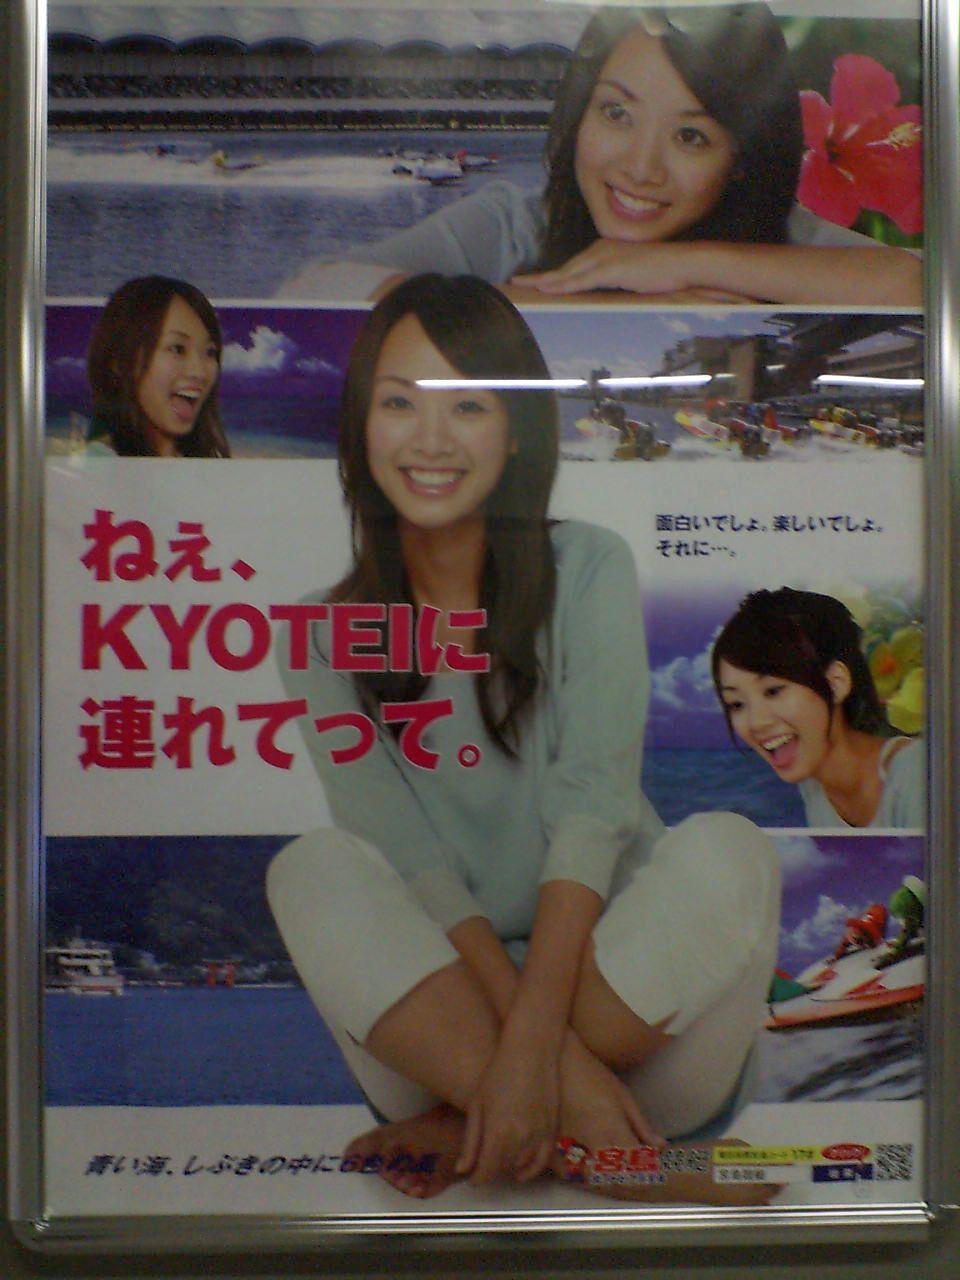 ねぇ、優奈をKYOTEIに連れてって。